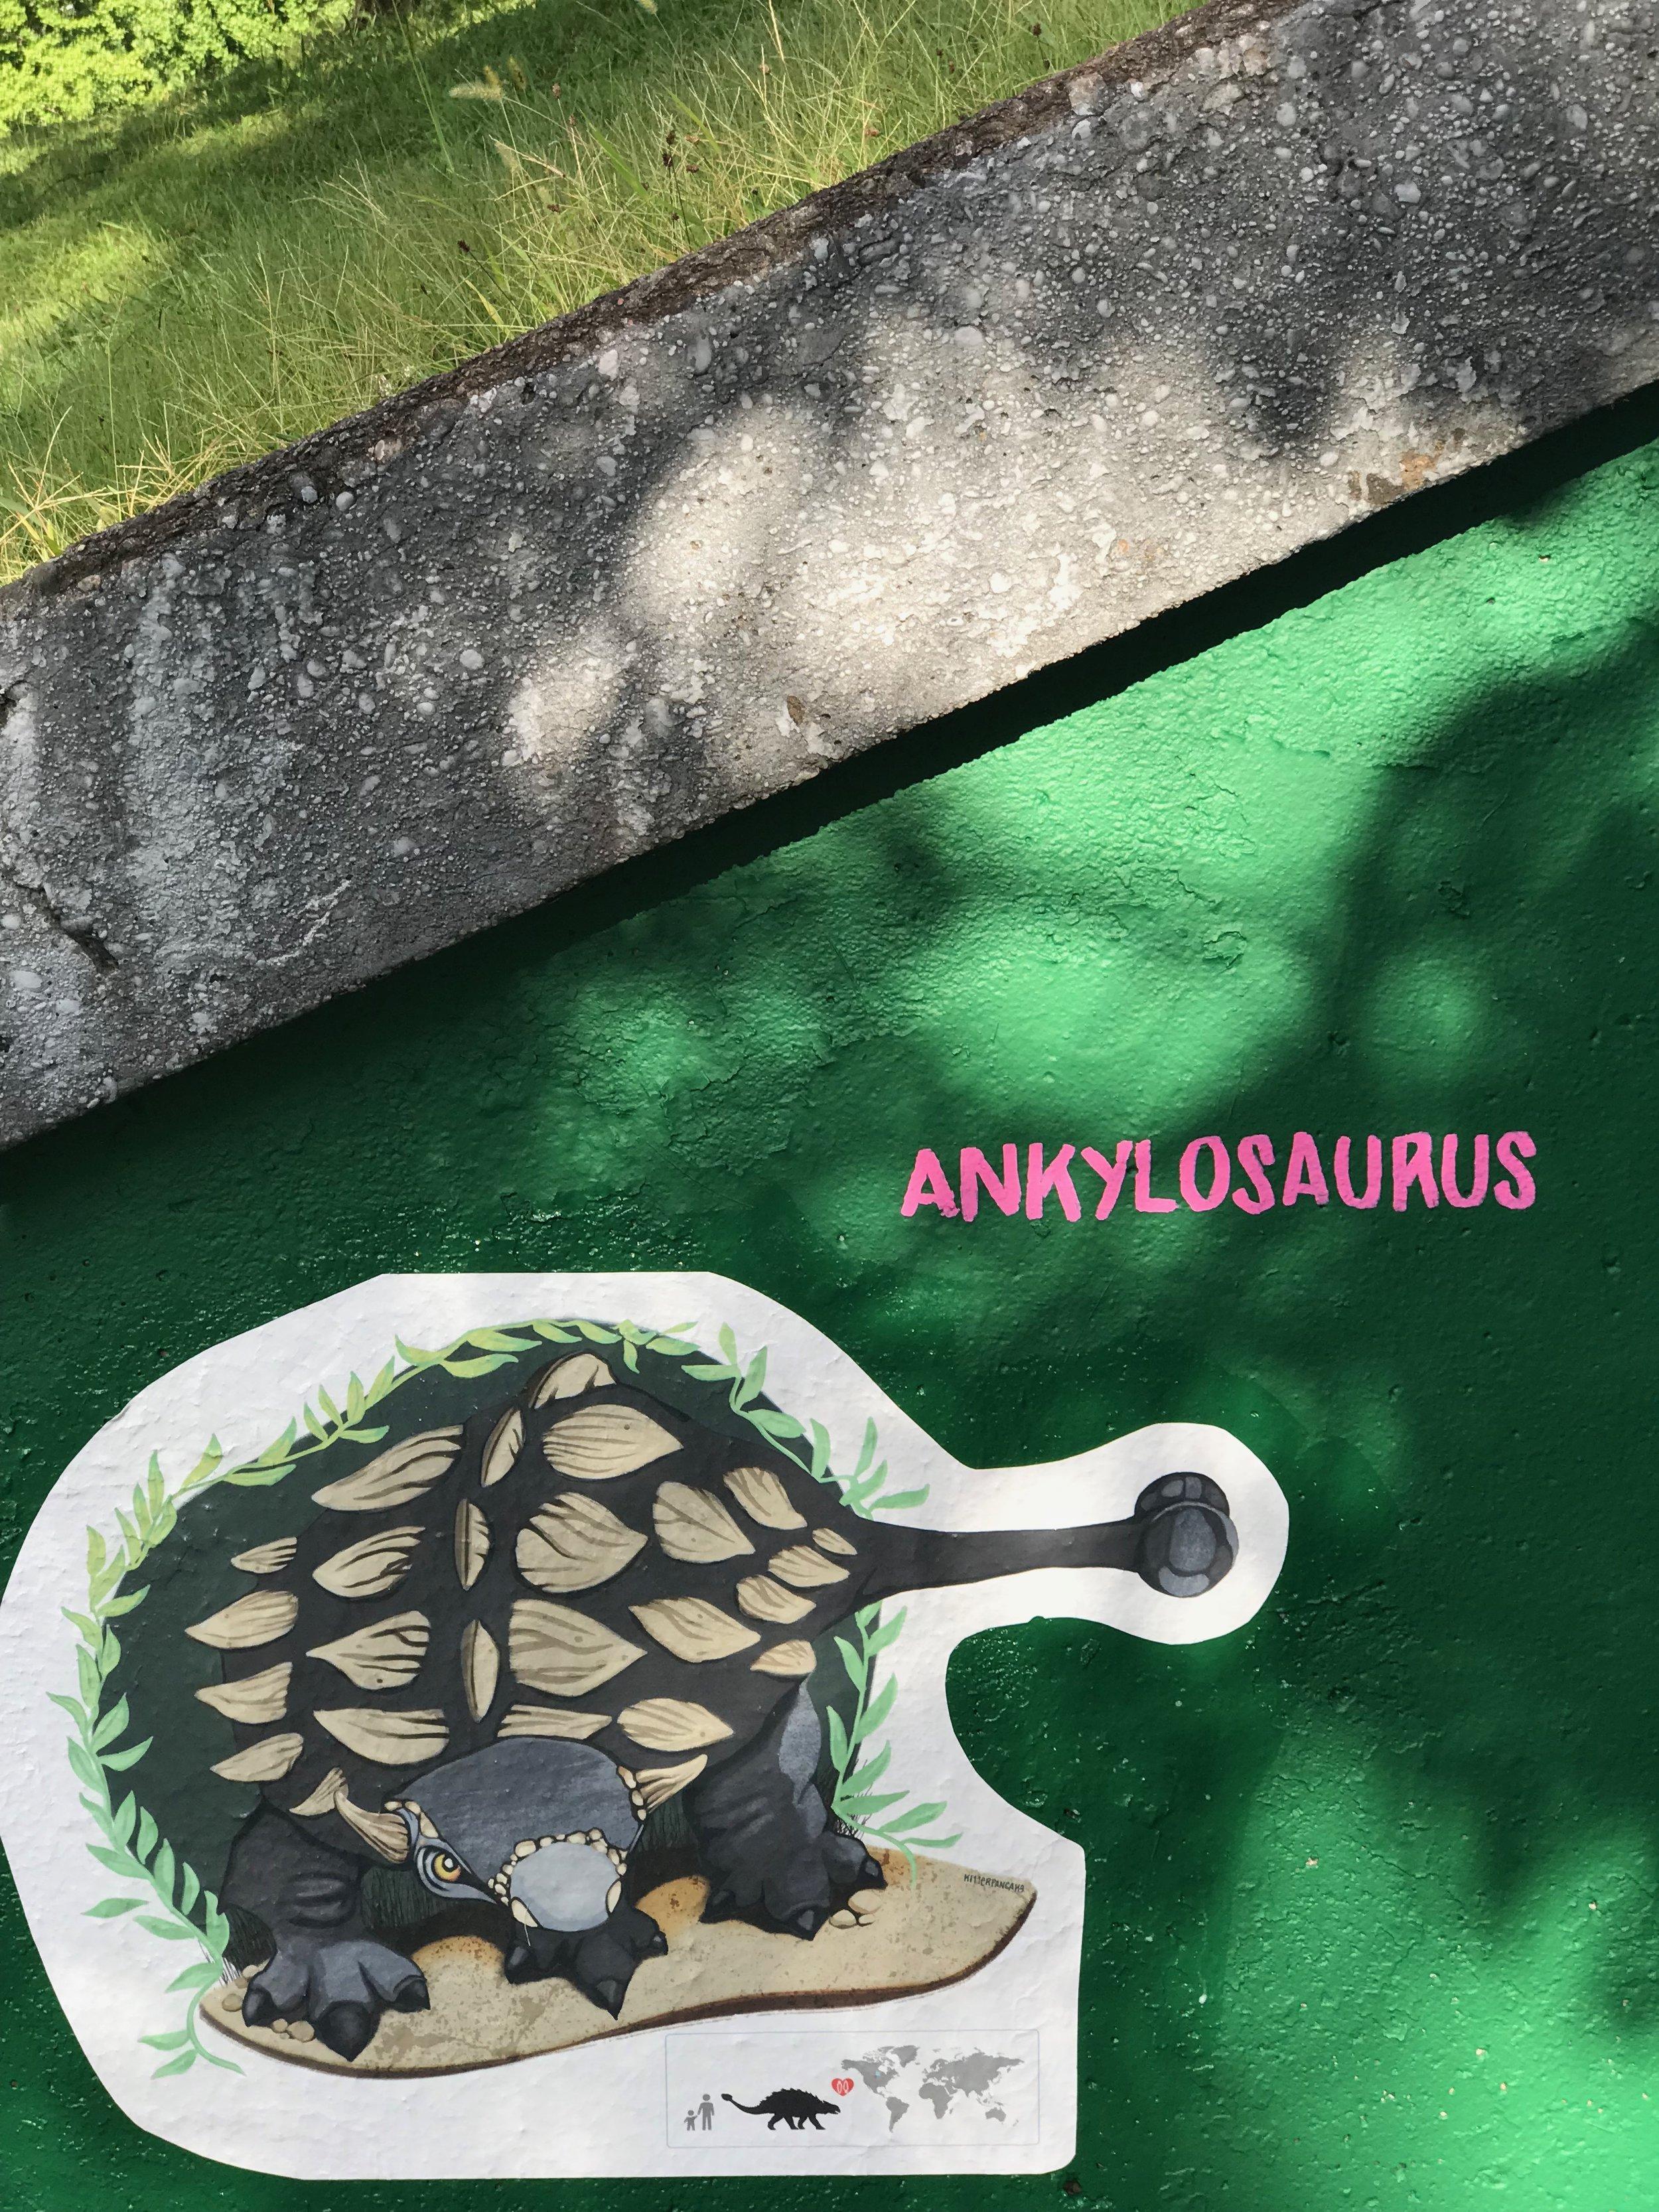 Anylosaurus